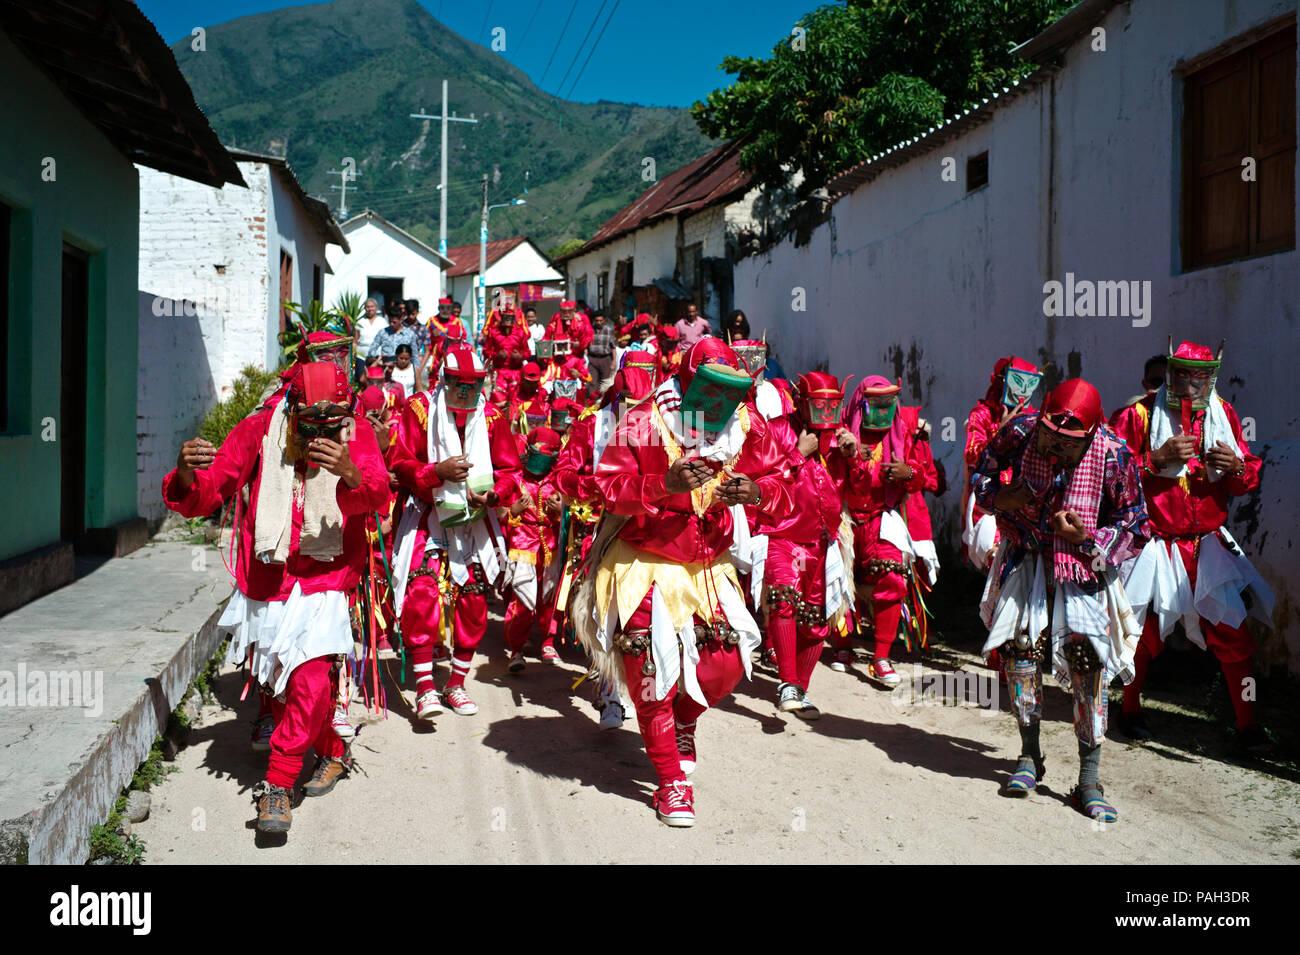 A los pies de los picos nevados de Sierra Nevada, dentro del territorio de los indios indígenas kankuamos, una celebración llena de colorido de la fiesta cristiana de co Foto de stock